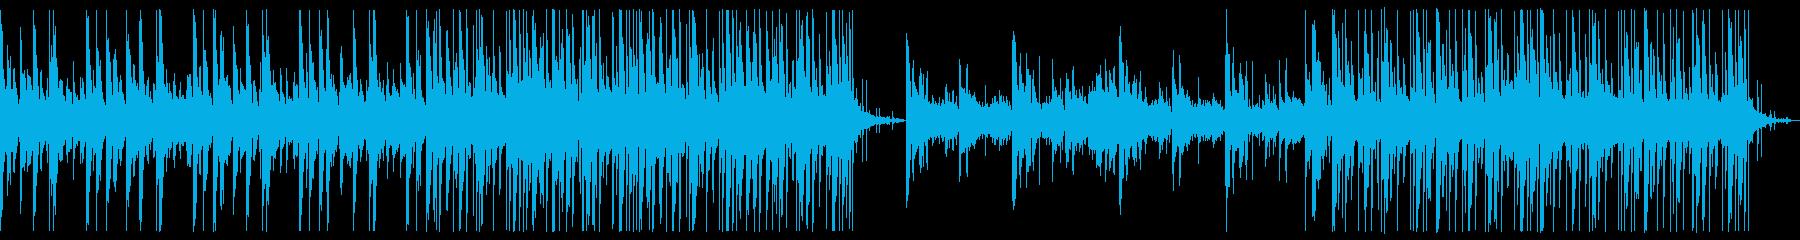 ホラーミステリー的な曲の再生済みの波形